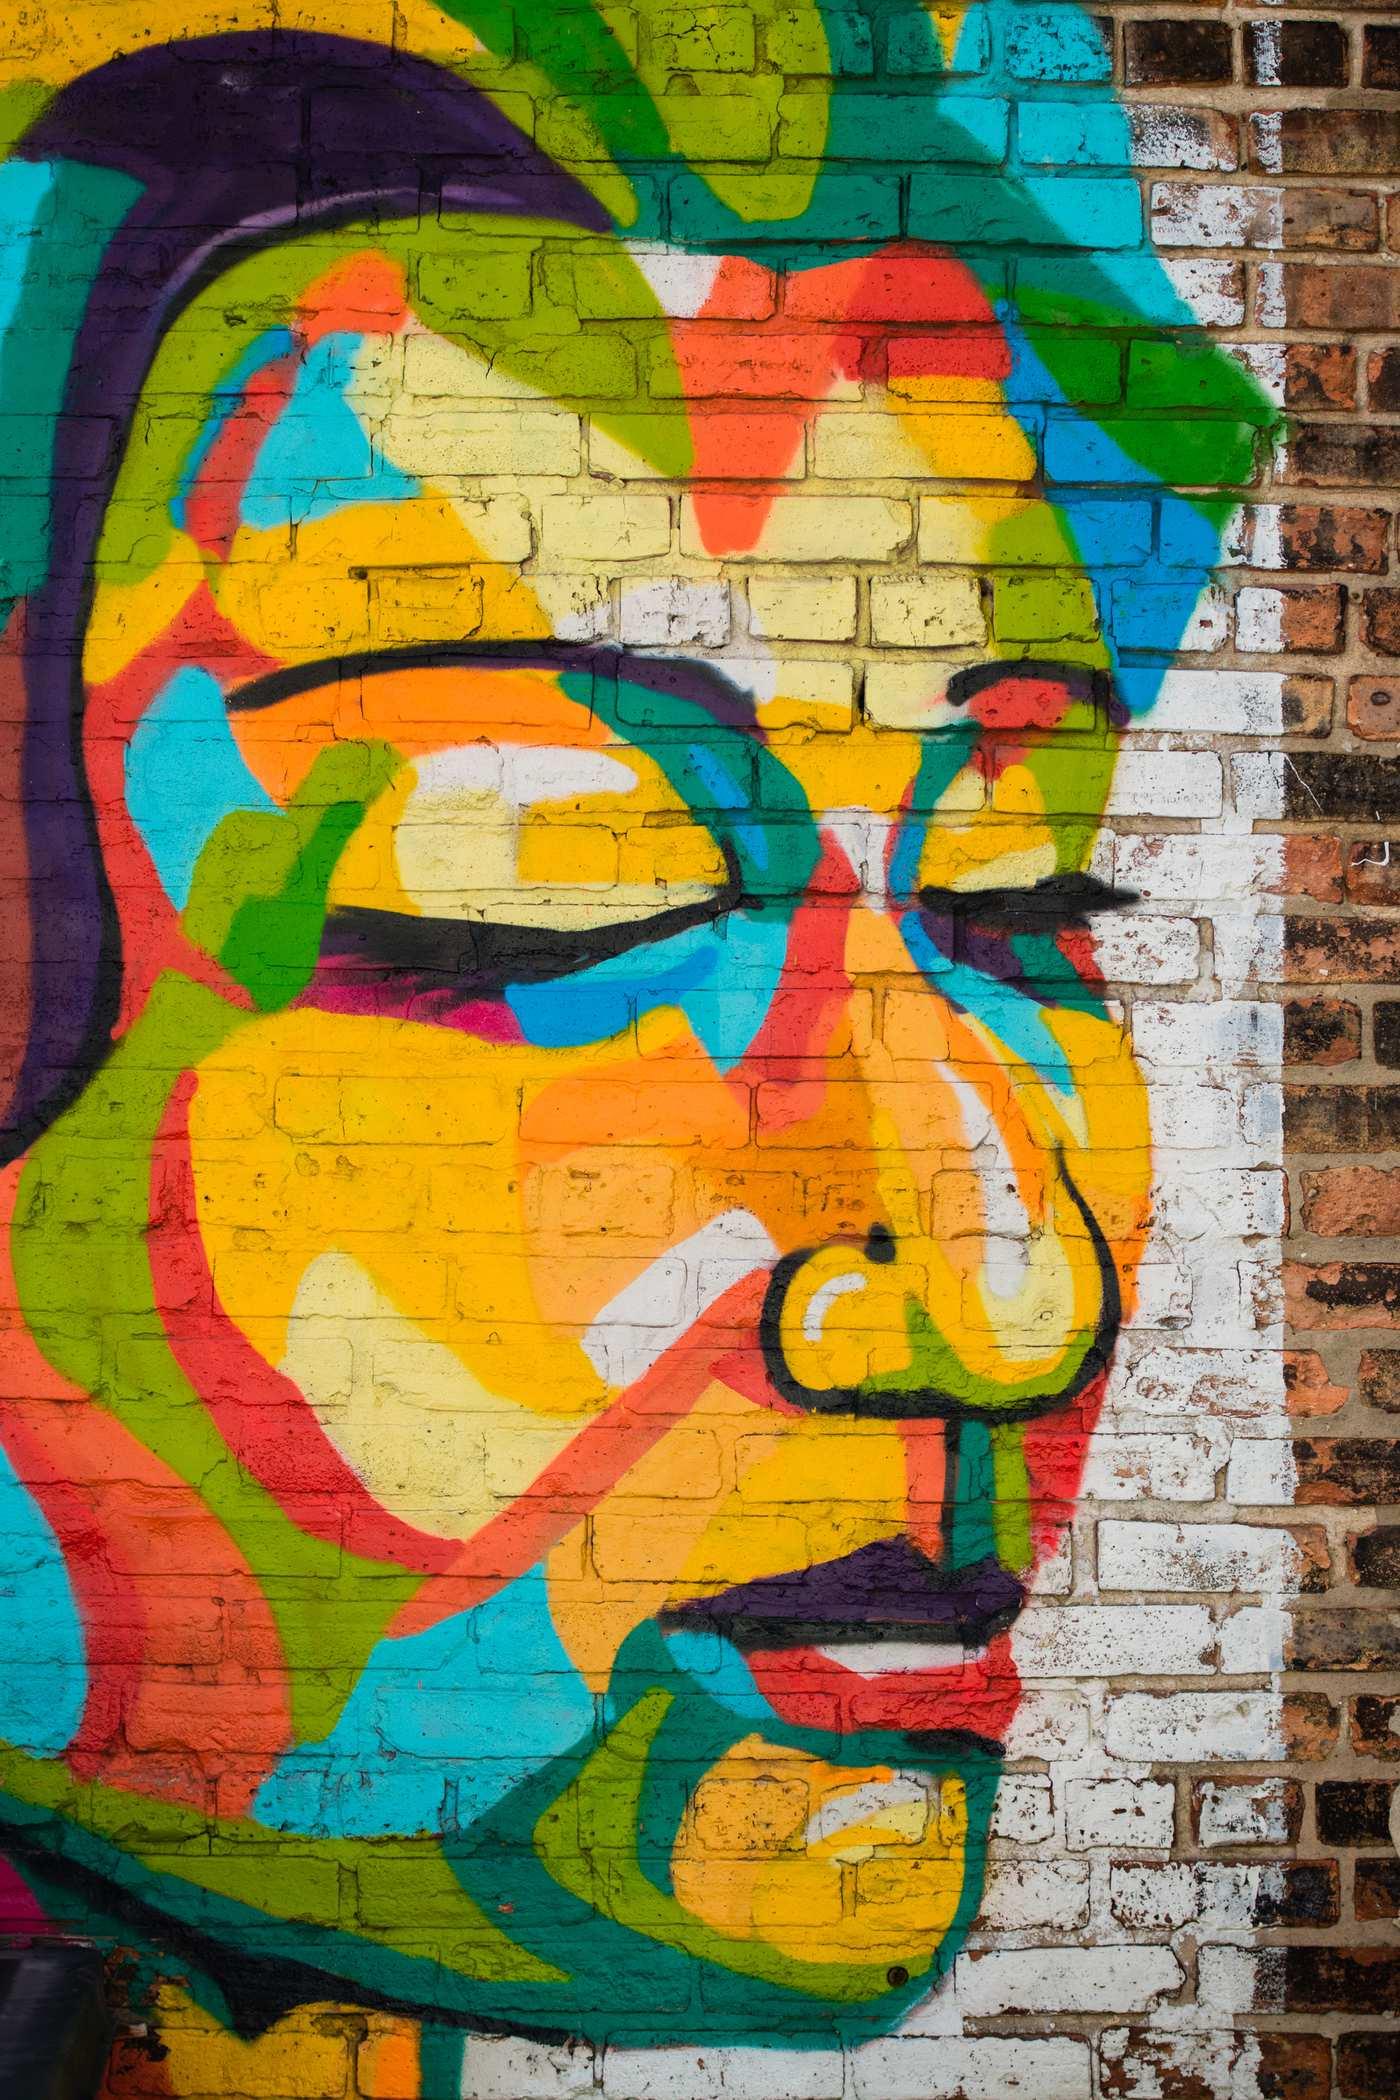 Gallery of Pilsen Murals | WTTW Chicago